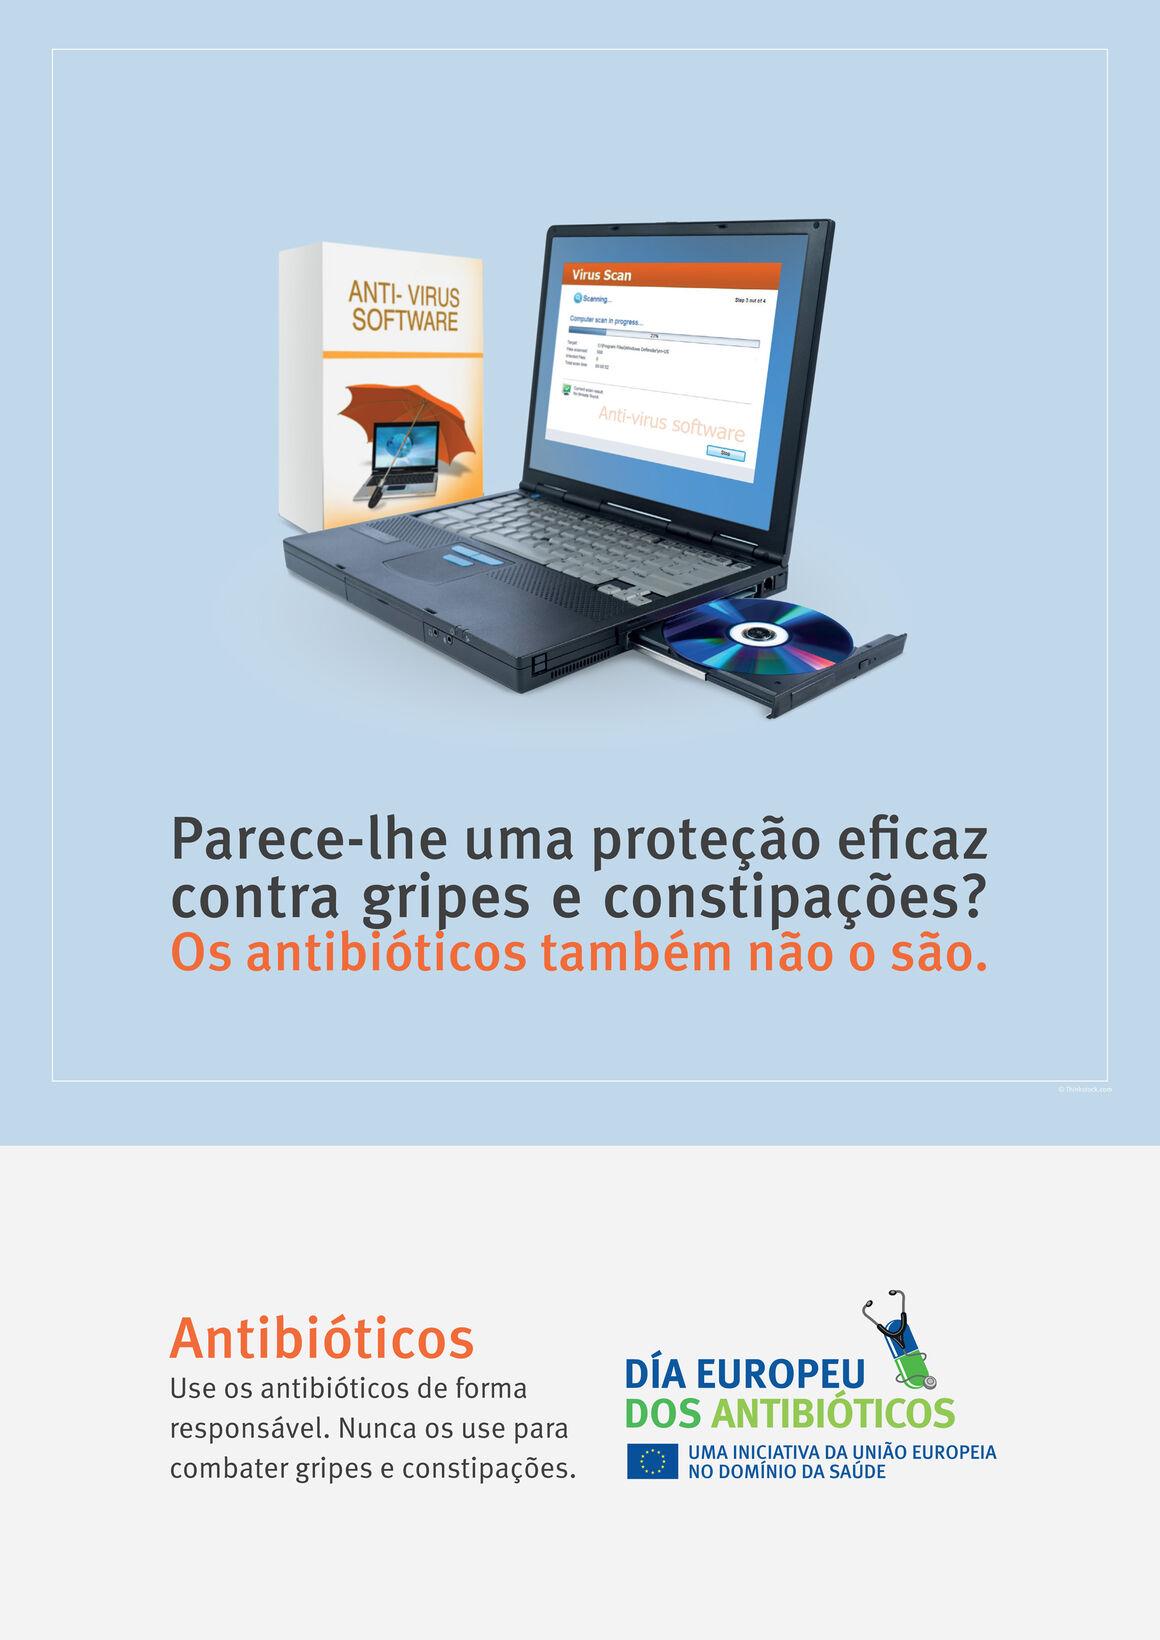 Cartazes: Parece-lhe uma proteção eficaz contra gripes e constipações? Os antibióticos também não o são.